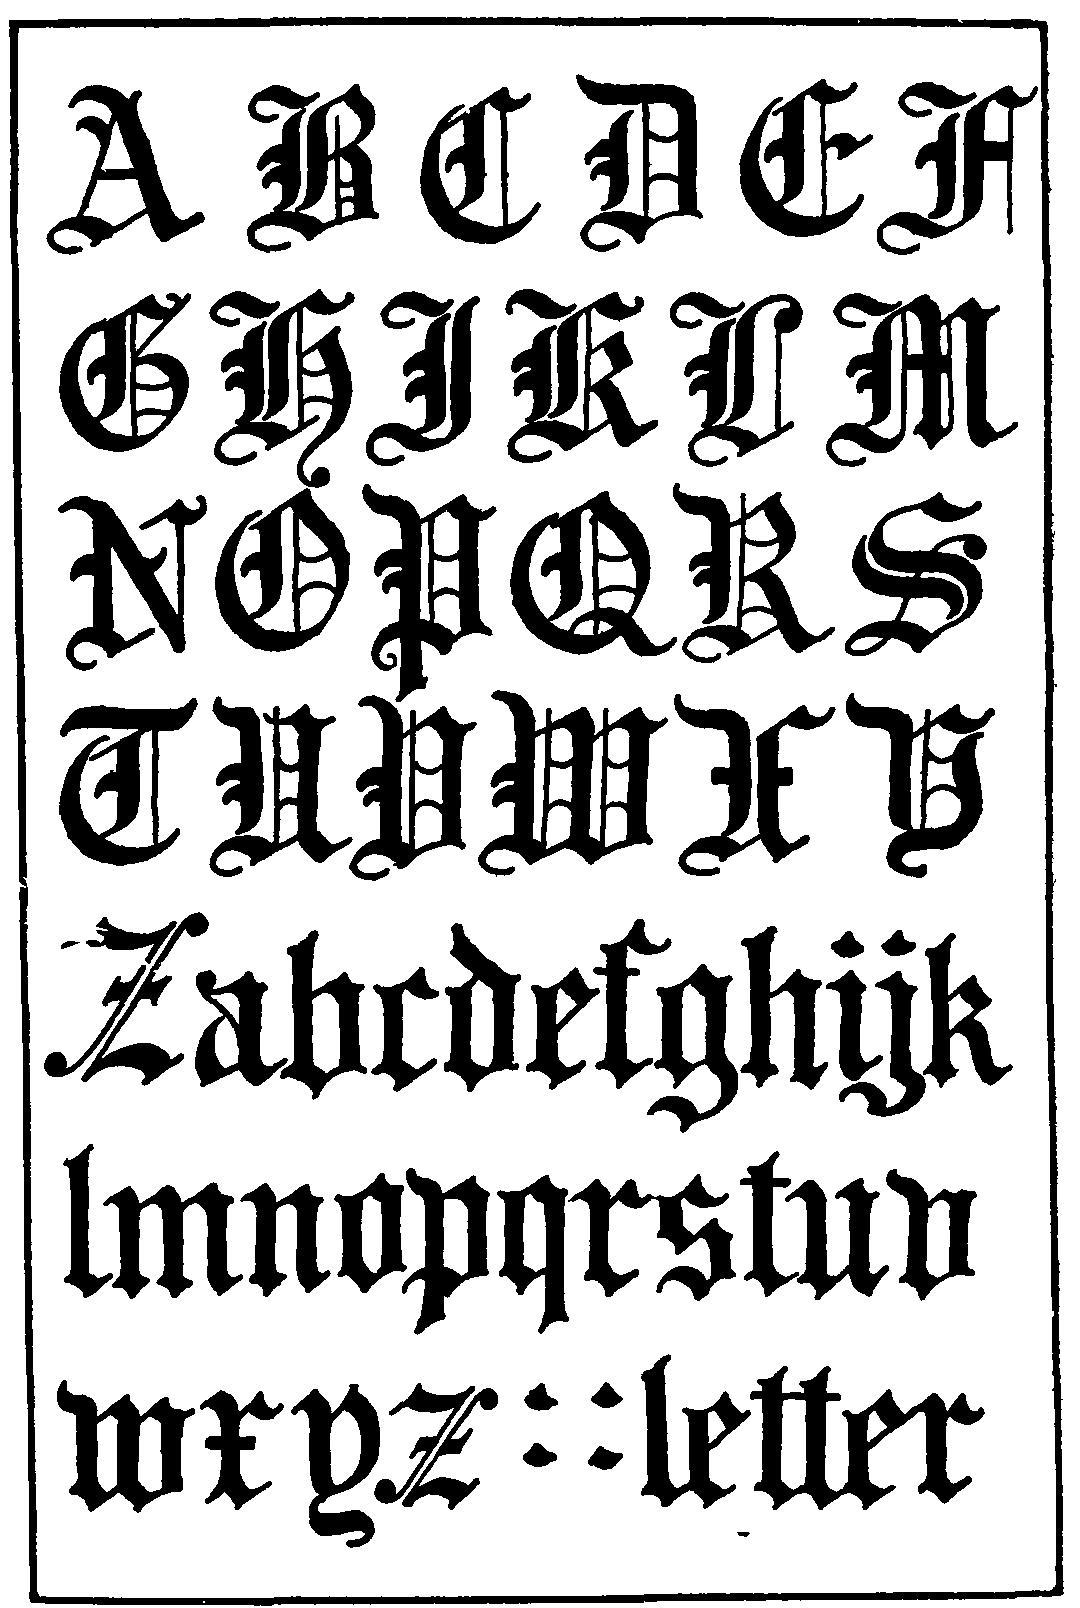 18 Gothic Script Font Images